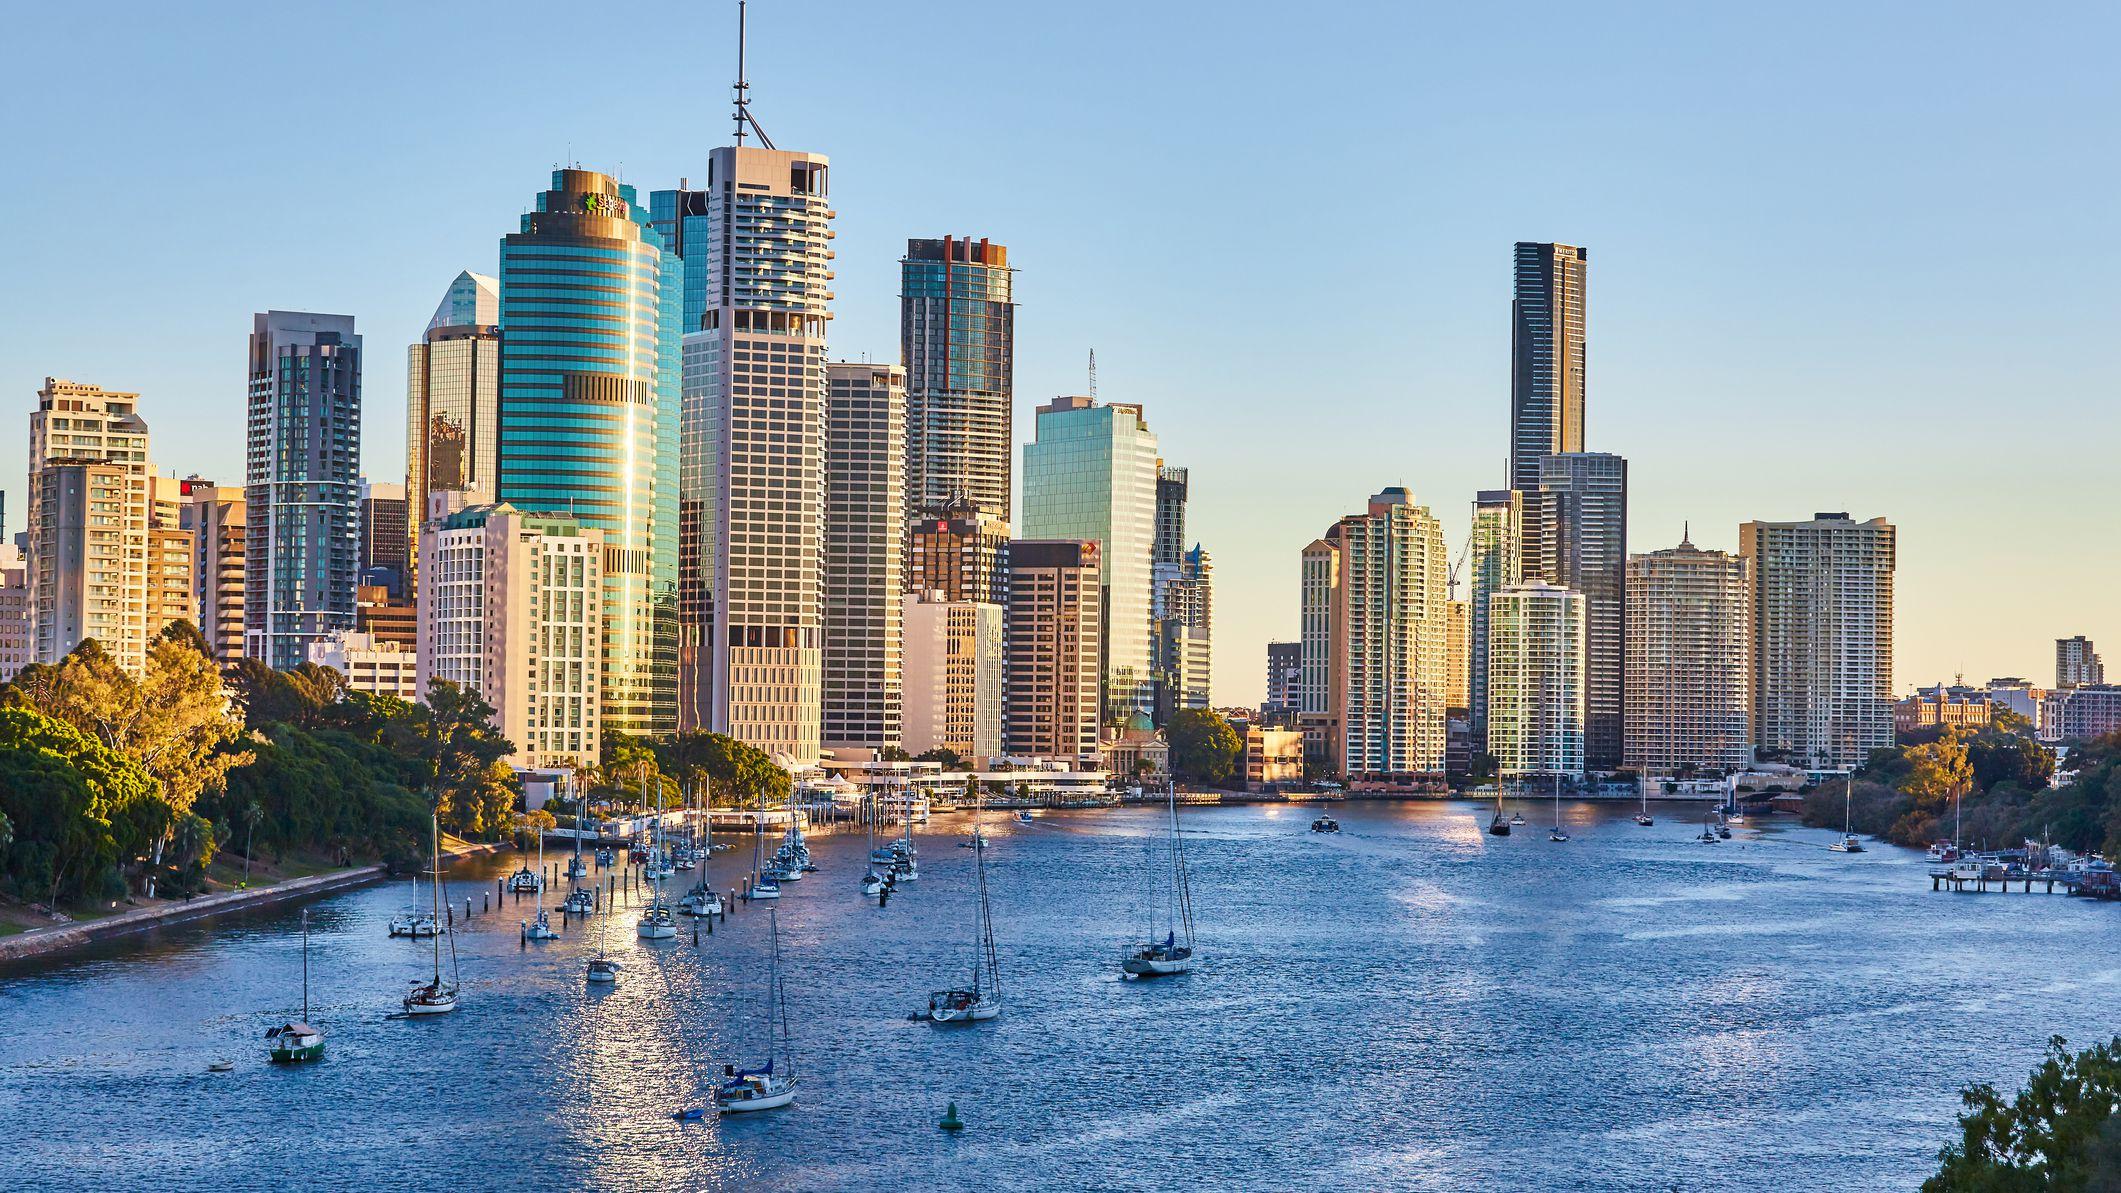 Top SEO Agency Brisbane   Brisbane SEO Companies List   SEO Brisbane